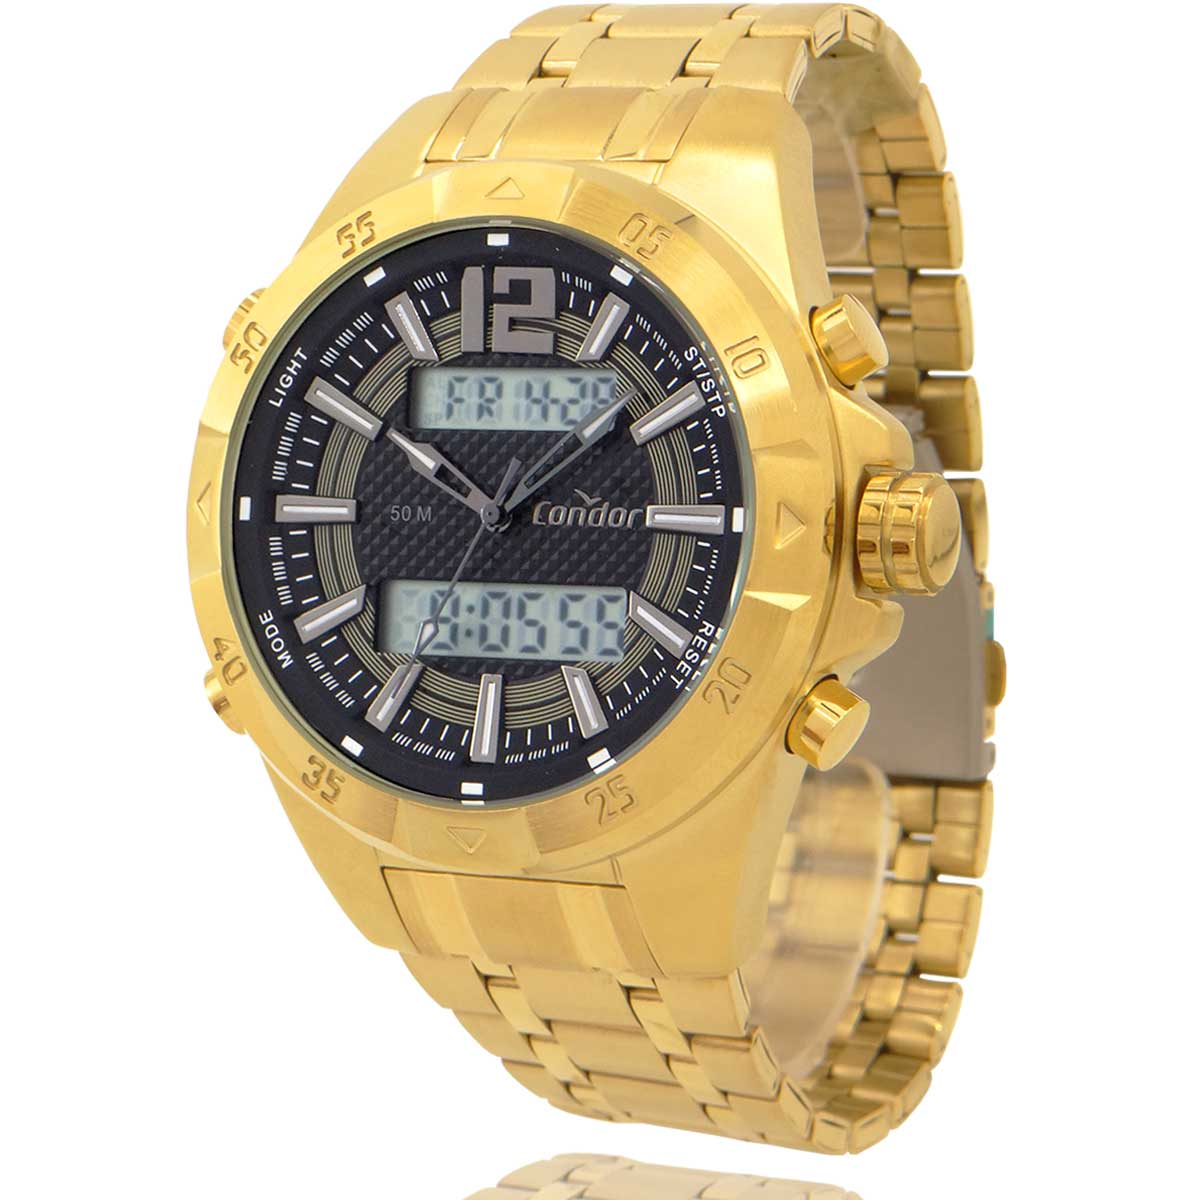 Relógio Condor Masculino Dourado com Carteira Lebrave de Brinde COBJK657AA4X